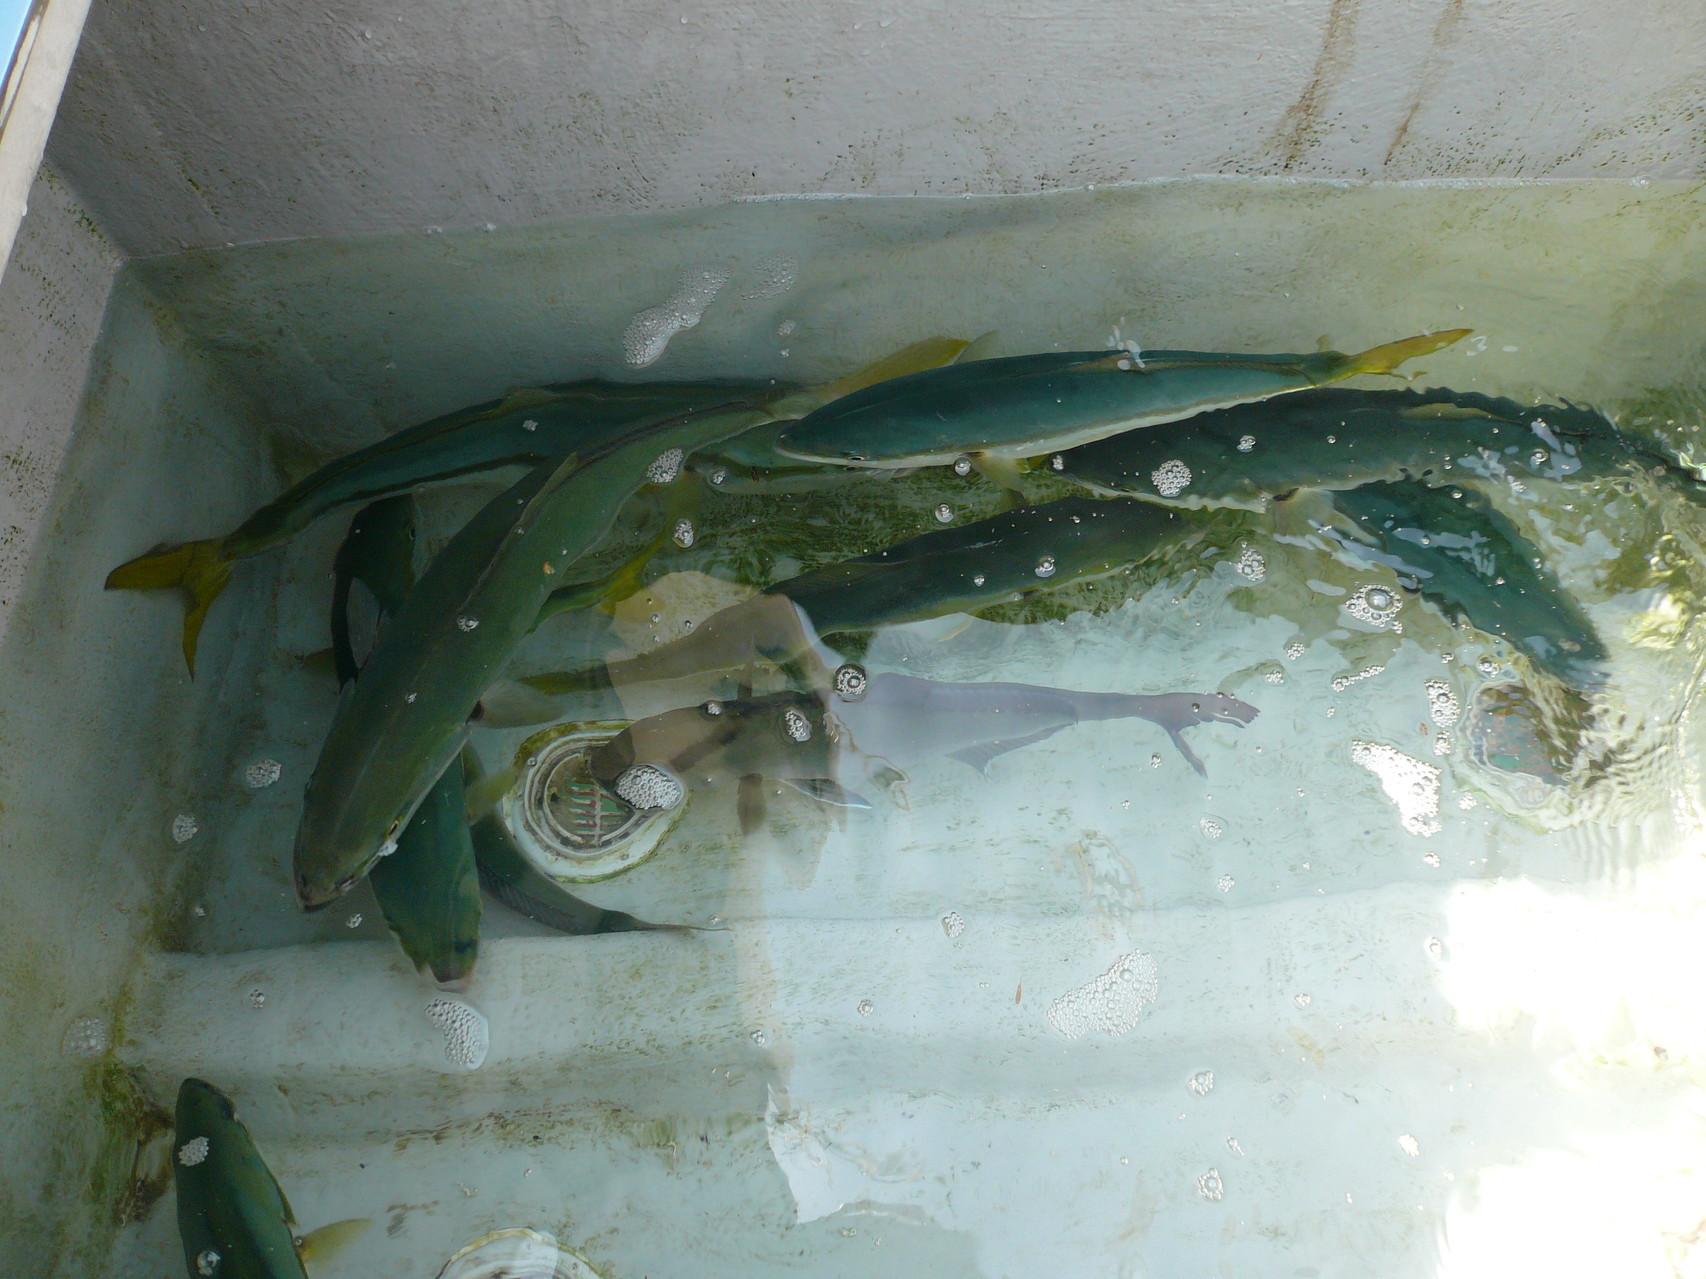 5月31日今日の釣果 東側(オロン滝中曽根)は魚の反応がない 如何してかな・巻き網船かな?